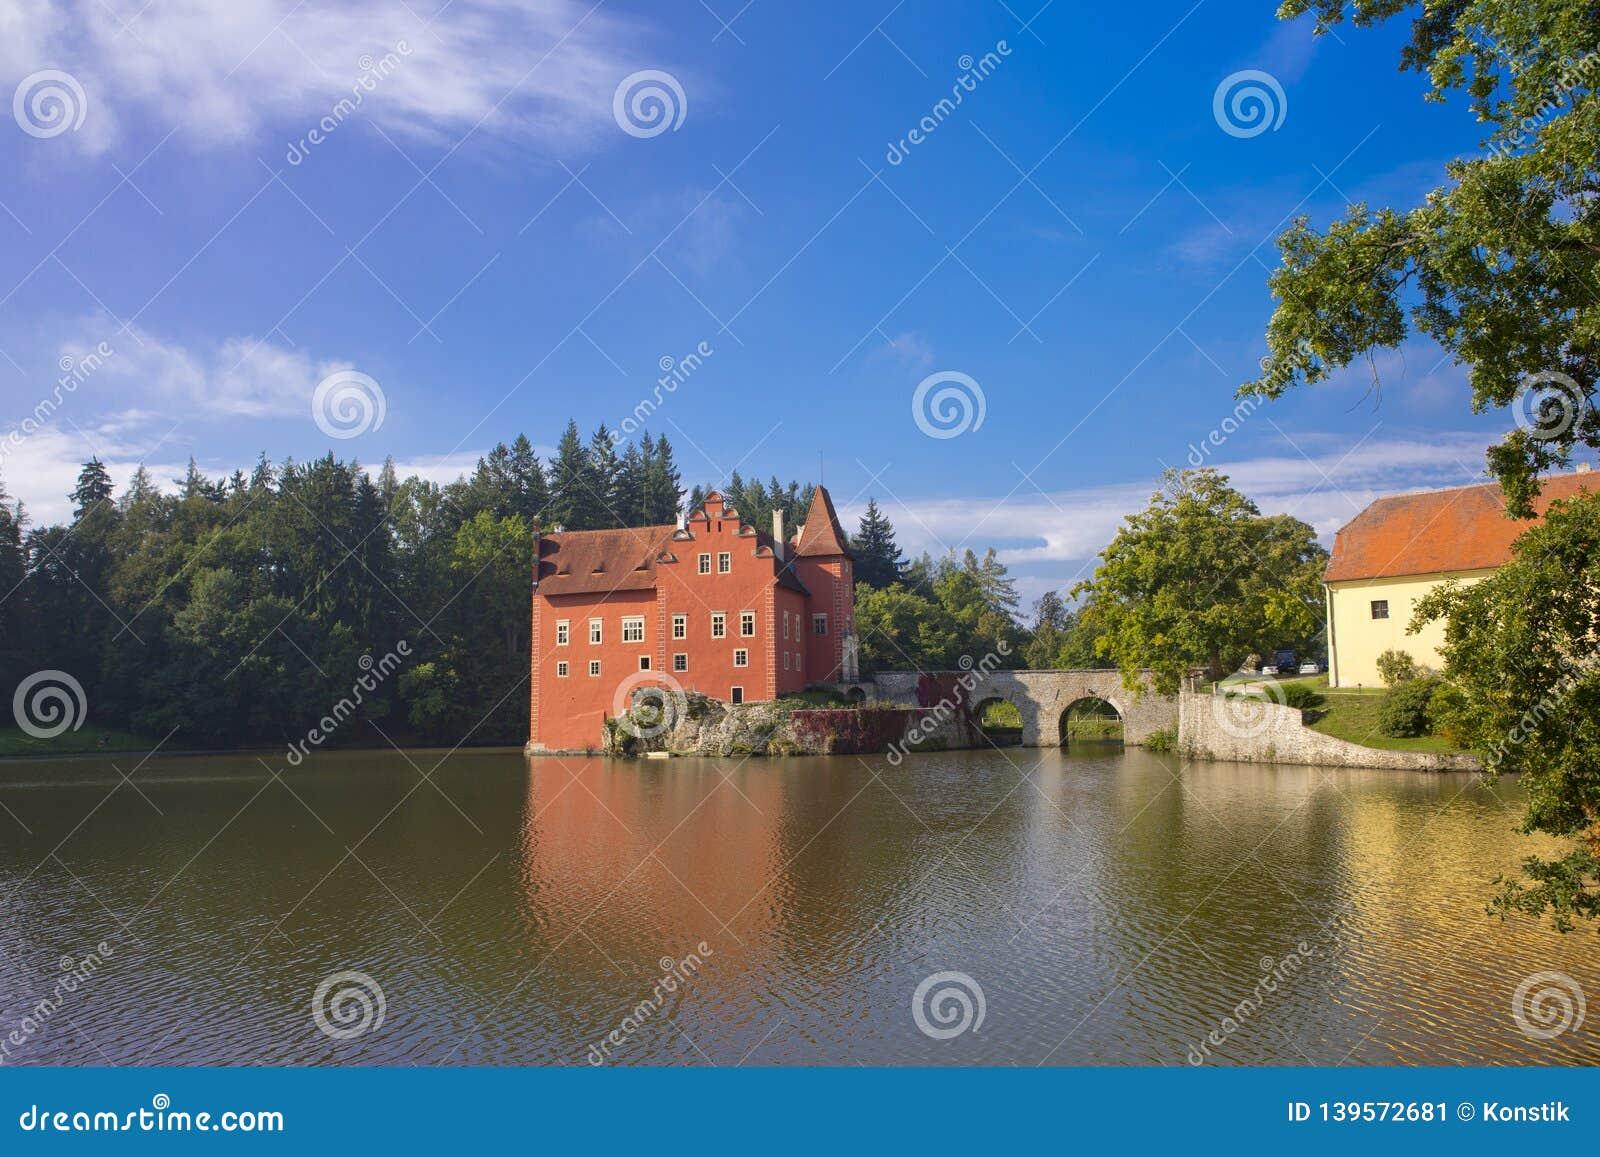 Cervena Lhota взгляд городка республики cesky чехословакского krumlov средневековый старый Замок на озере